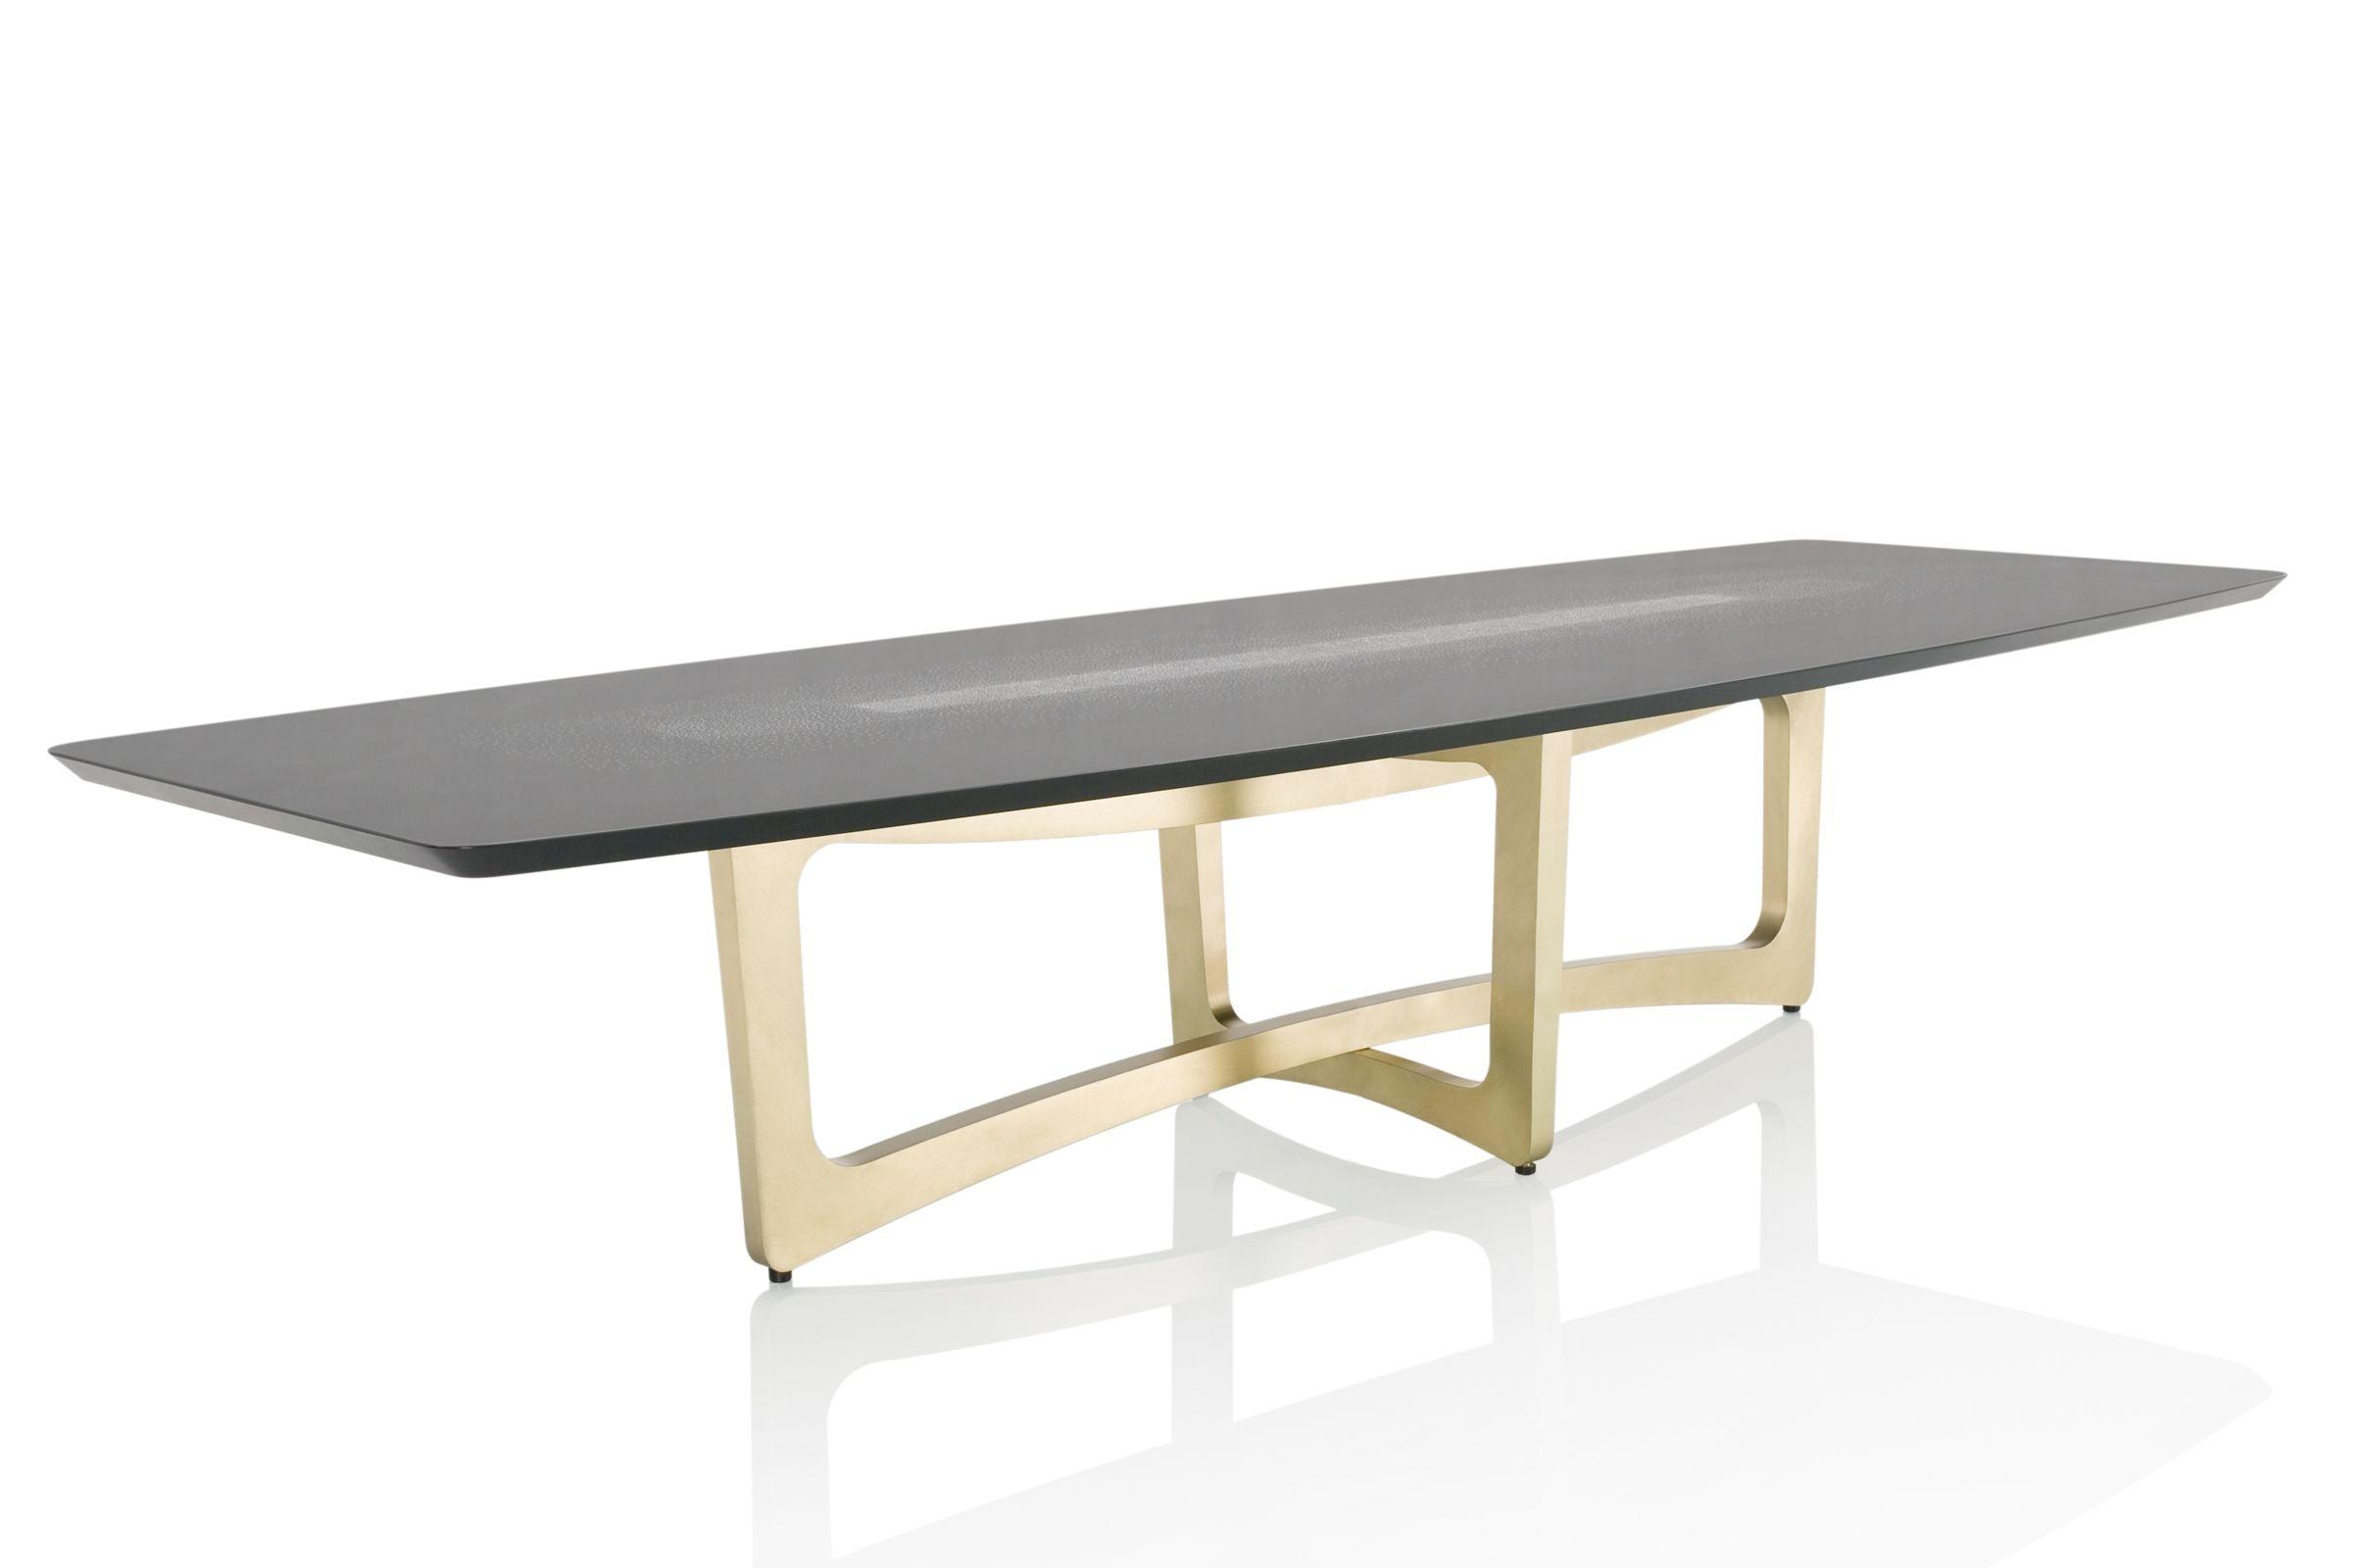 ee8645c6f1d9619001d8d4707d618058 Impressionnant De Pieds Pour Table Basse Concept